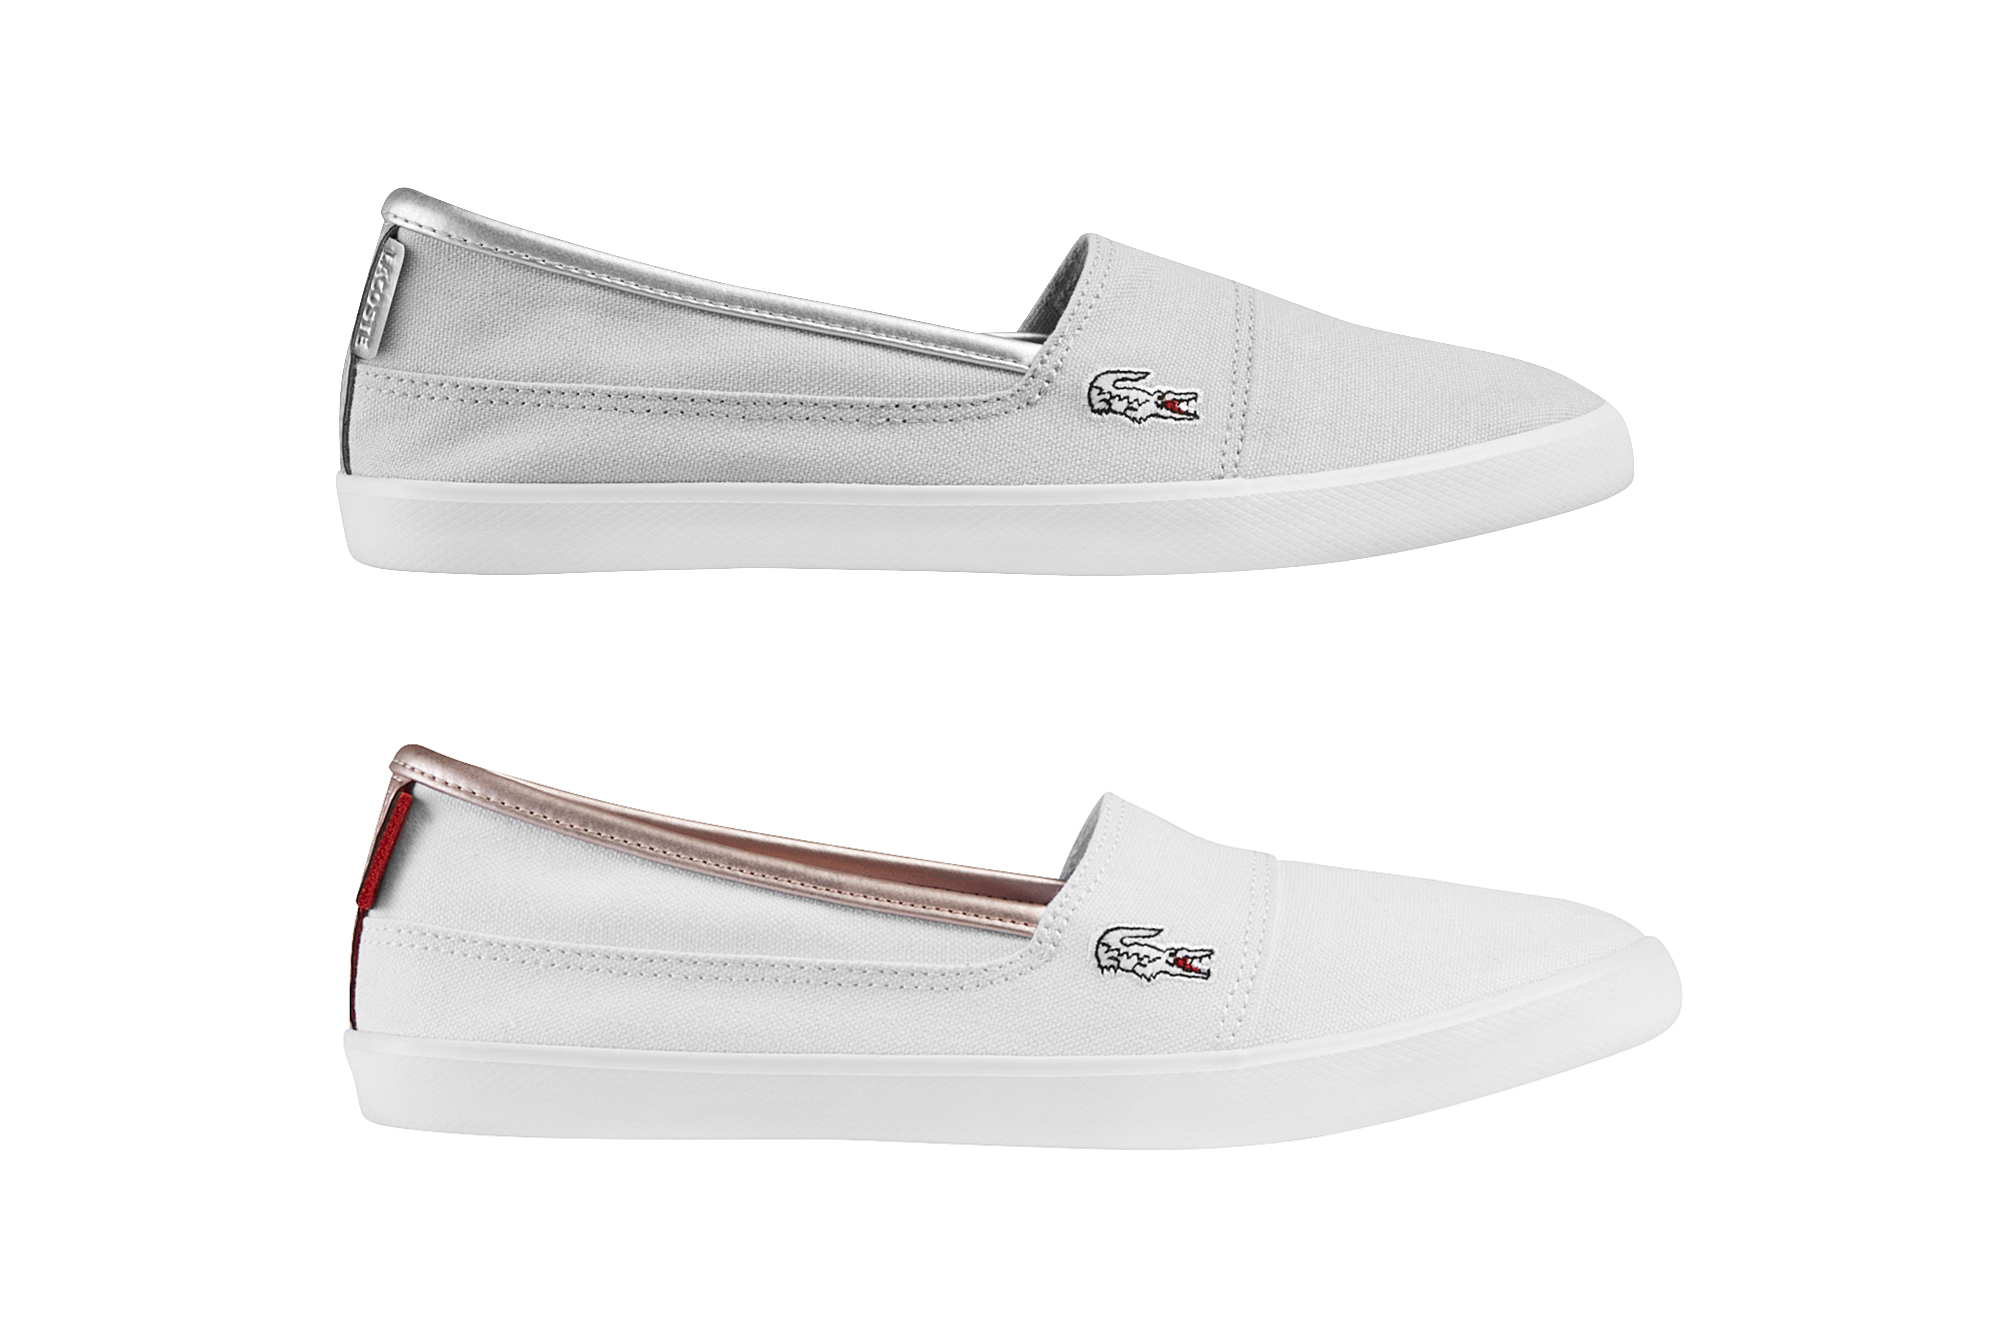 lacoste marice 217 2 caw damen freizeitschuh slipper sommerschuh ebay. Black Bedroom Furniture Sets. Home Design Ideas